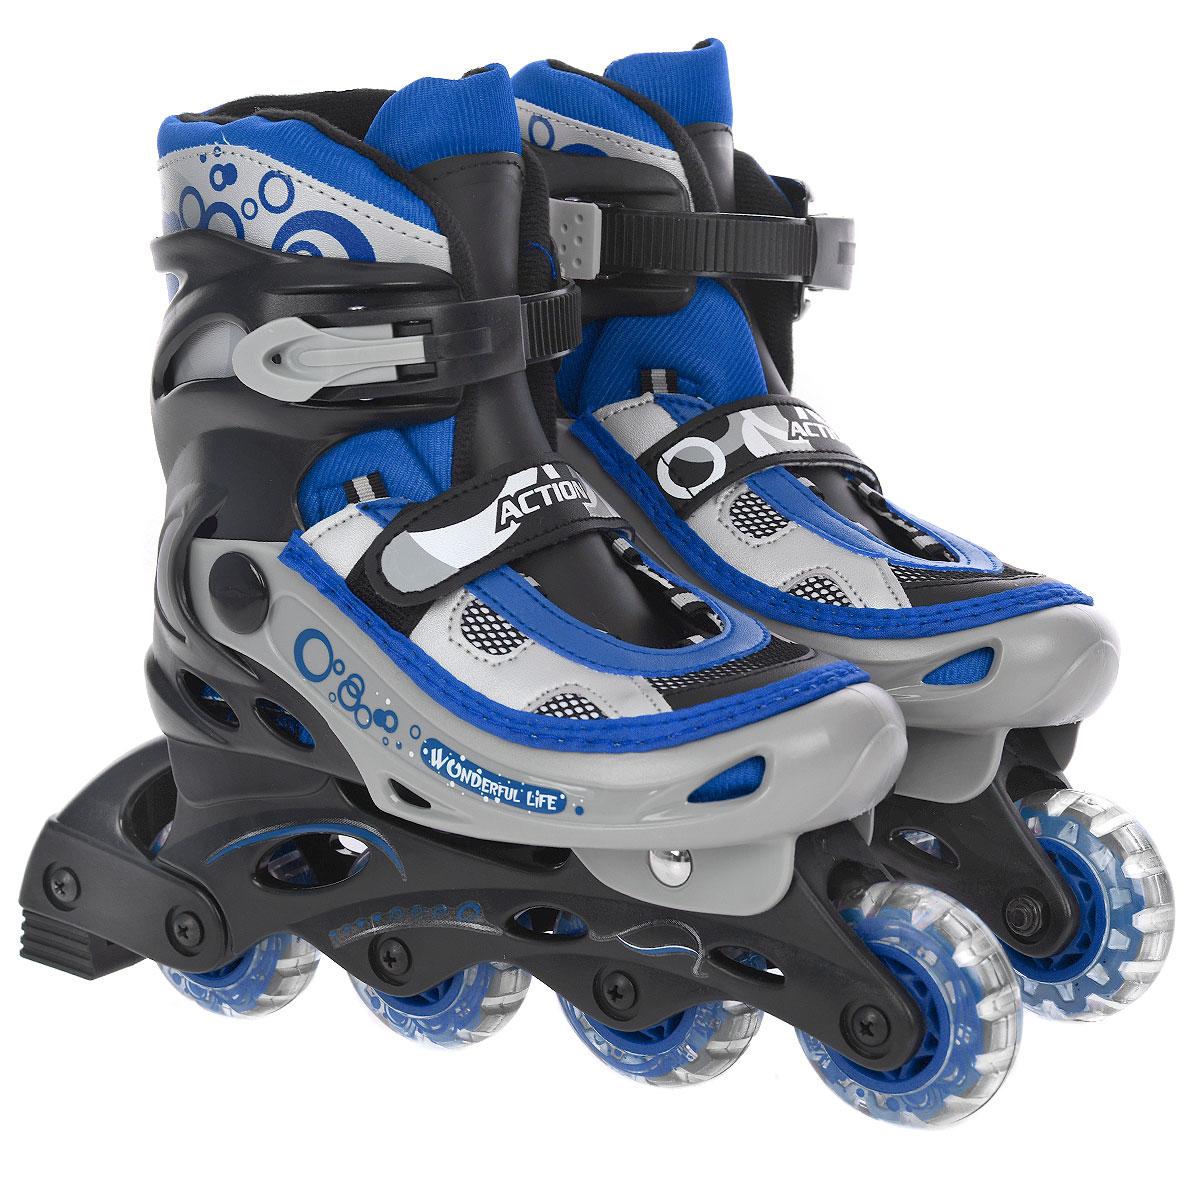 Коньки роликовые, раздвижные. PW-330PW-330Раздвижные роликовые коньки Action с мягким ботинком предназначены для любительского катания. Коньки имеют высокоэластичные и износостойкие колеса из жесткого полиуретана. Мягкий комбинированный ботинок из кожзаменителя и воздухопроницаемого сетчатого материала с армированный конструкцией, уплотненный носок, система быстрой шнуровки, клипса с фиксатором и хлястик на липучке обеспечивают надежную фиксацию ноги во время катания. Рама изготовлена из пластика, а колеса 64 мм с подшипниками 608Z - из полиуретана. Модель оснащена тормозом. Роликовые коньки - это прекрасная возможность активного время провождения, отличный способ снять напряжение после трудового дня, пообщаться с друзьями, завести новые знакомства и повысить свою самооценку. При выборе роликовых коньков следует заботиться не о цвете, внешнем виде или фирме-производителе, а о том, чтобы вам и вашему ребенку было удобно и комфортно в выбранной модели, и чтобы нога надежно и плотно фиксировалась в...